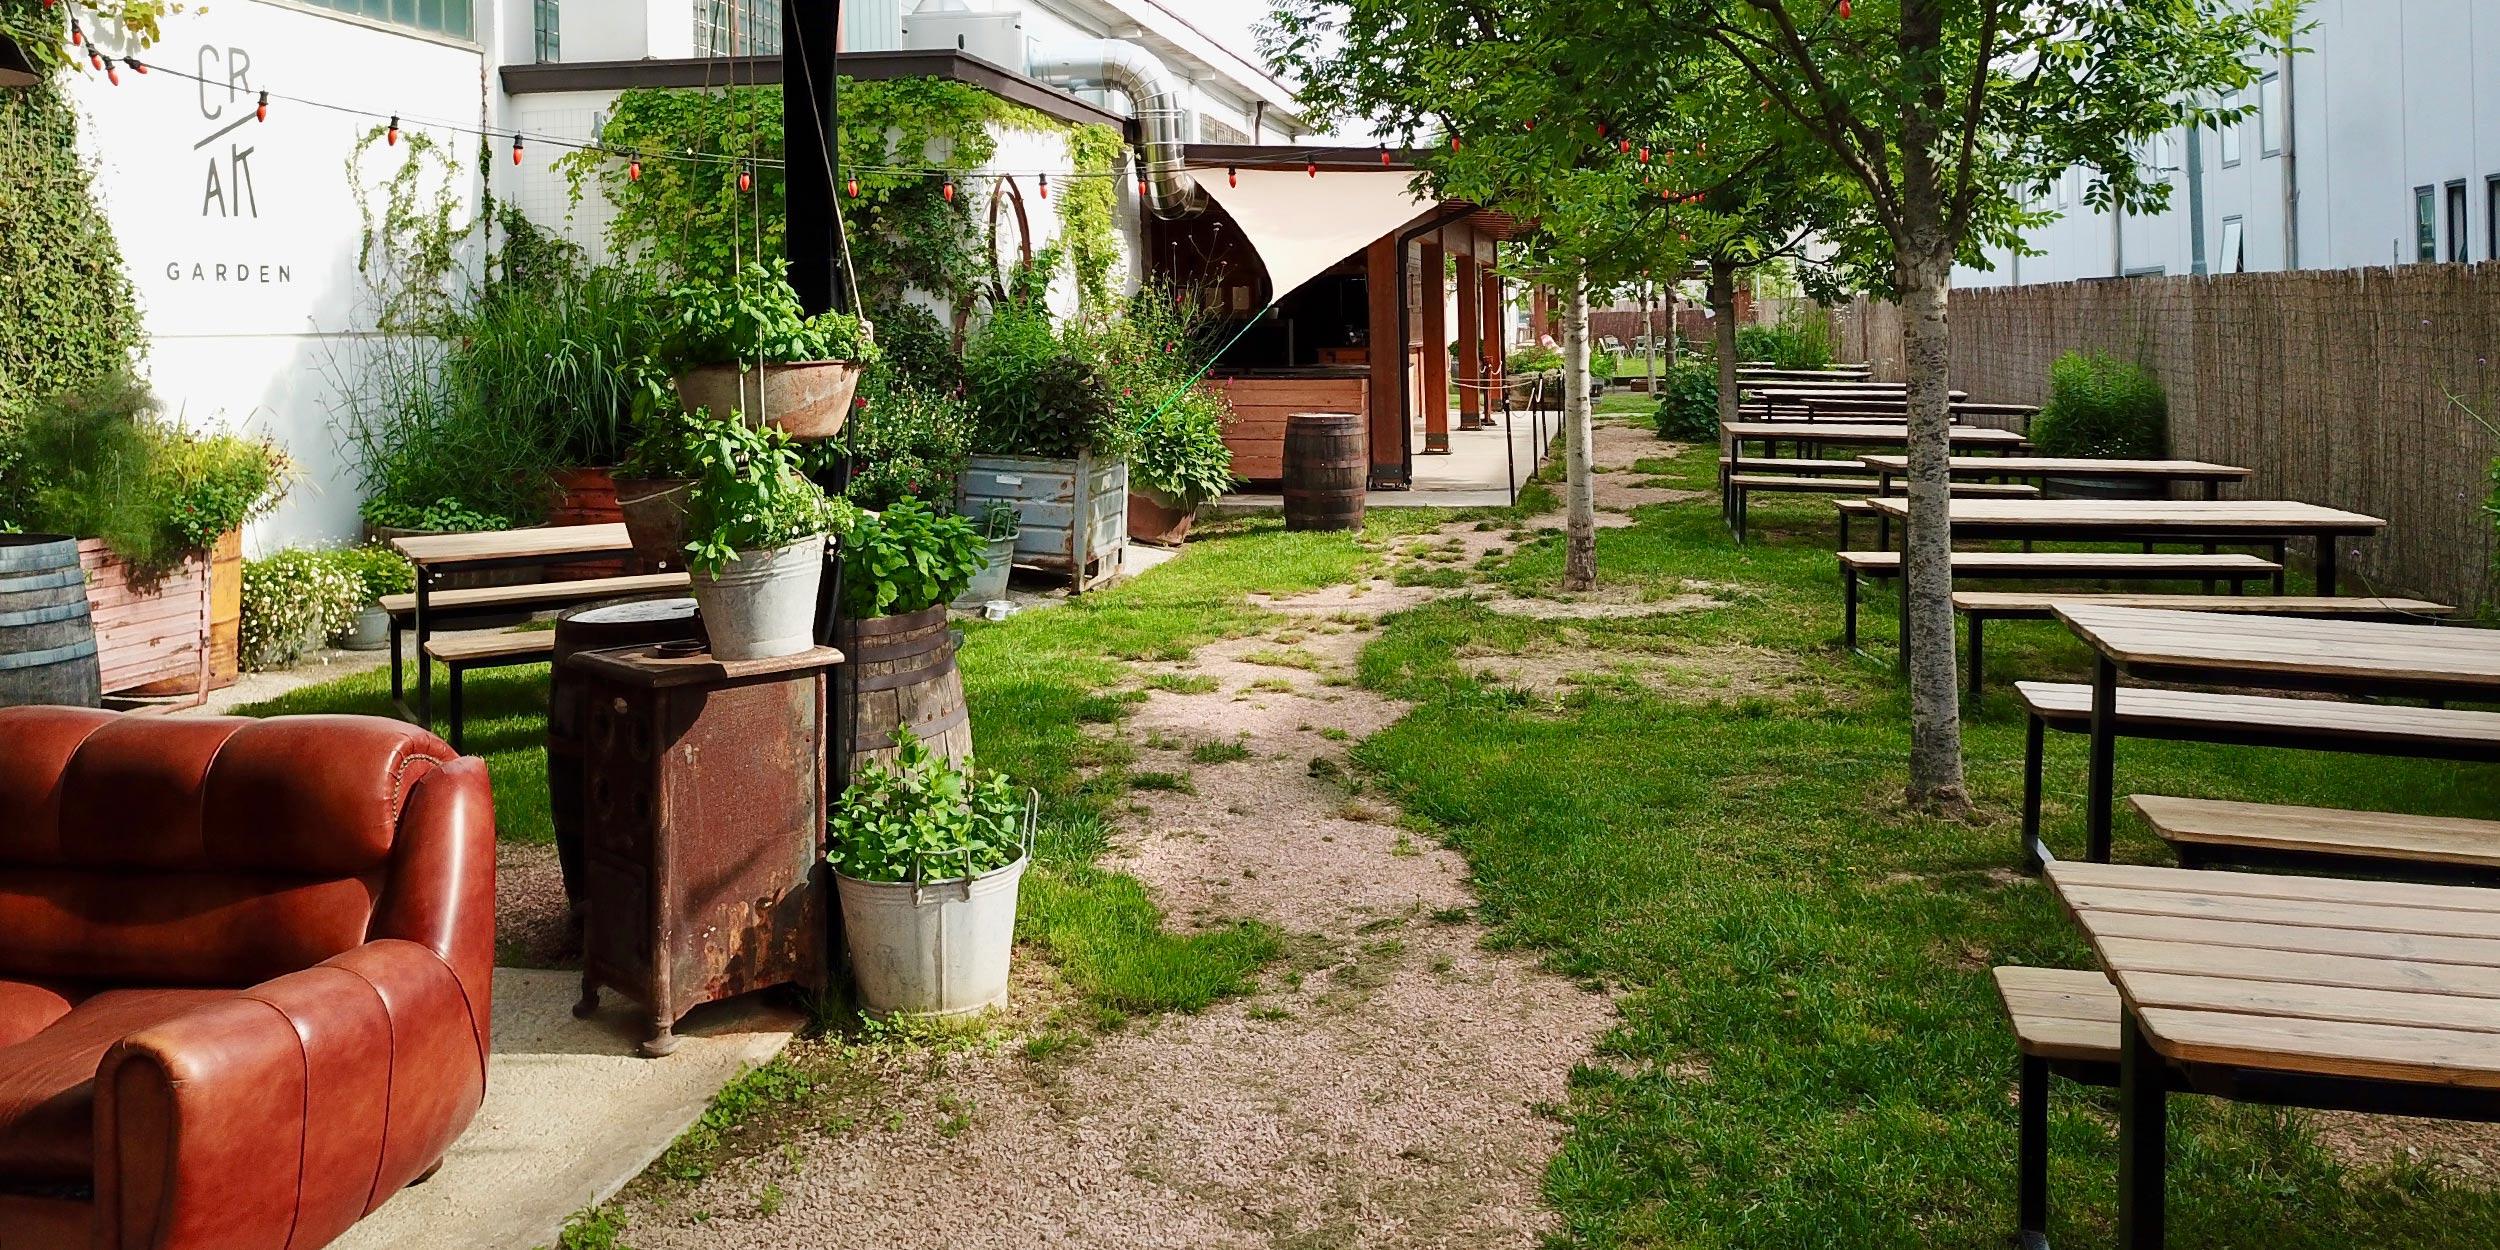 Crak Garden tap room con giardino